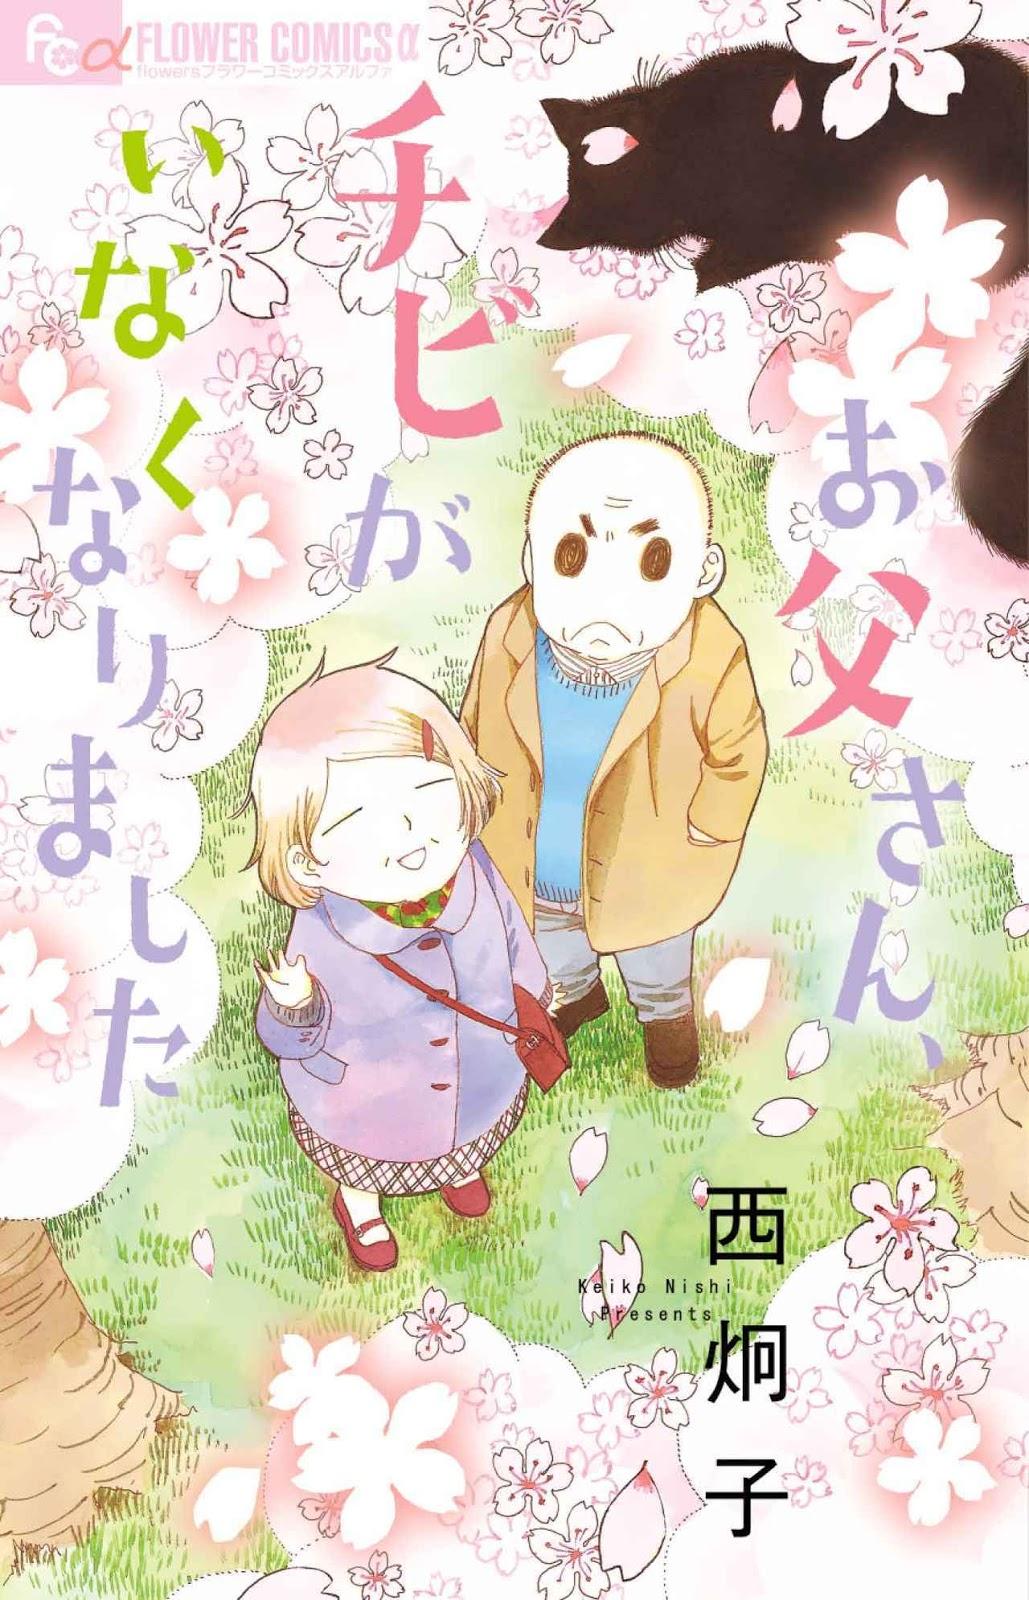 Otosan, Chibi ga Inaku Narimashita - Keiko NIshi